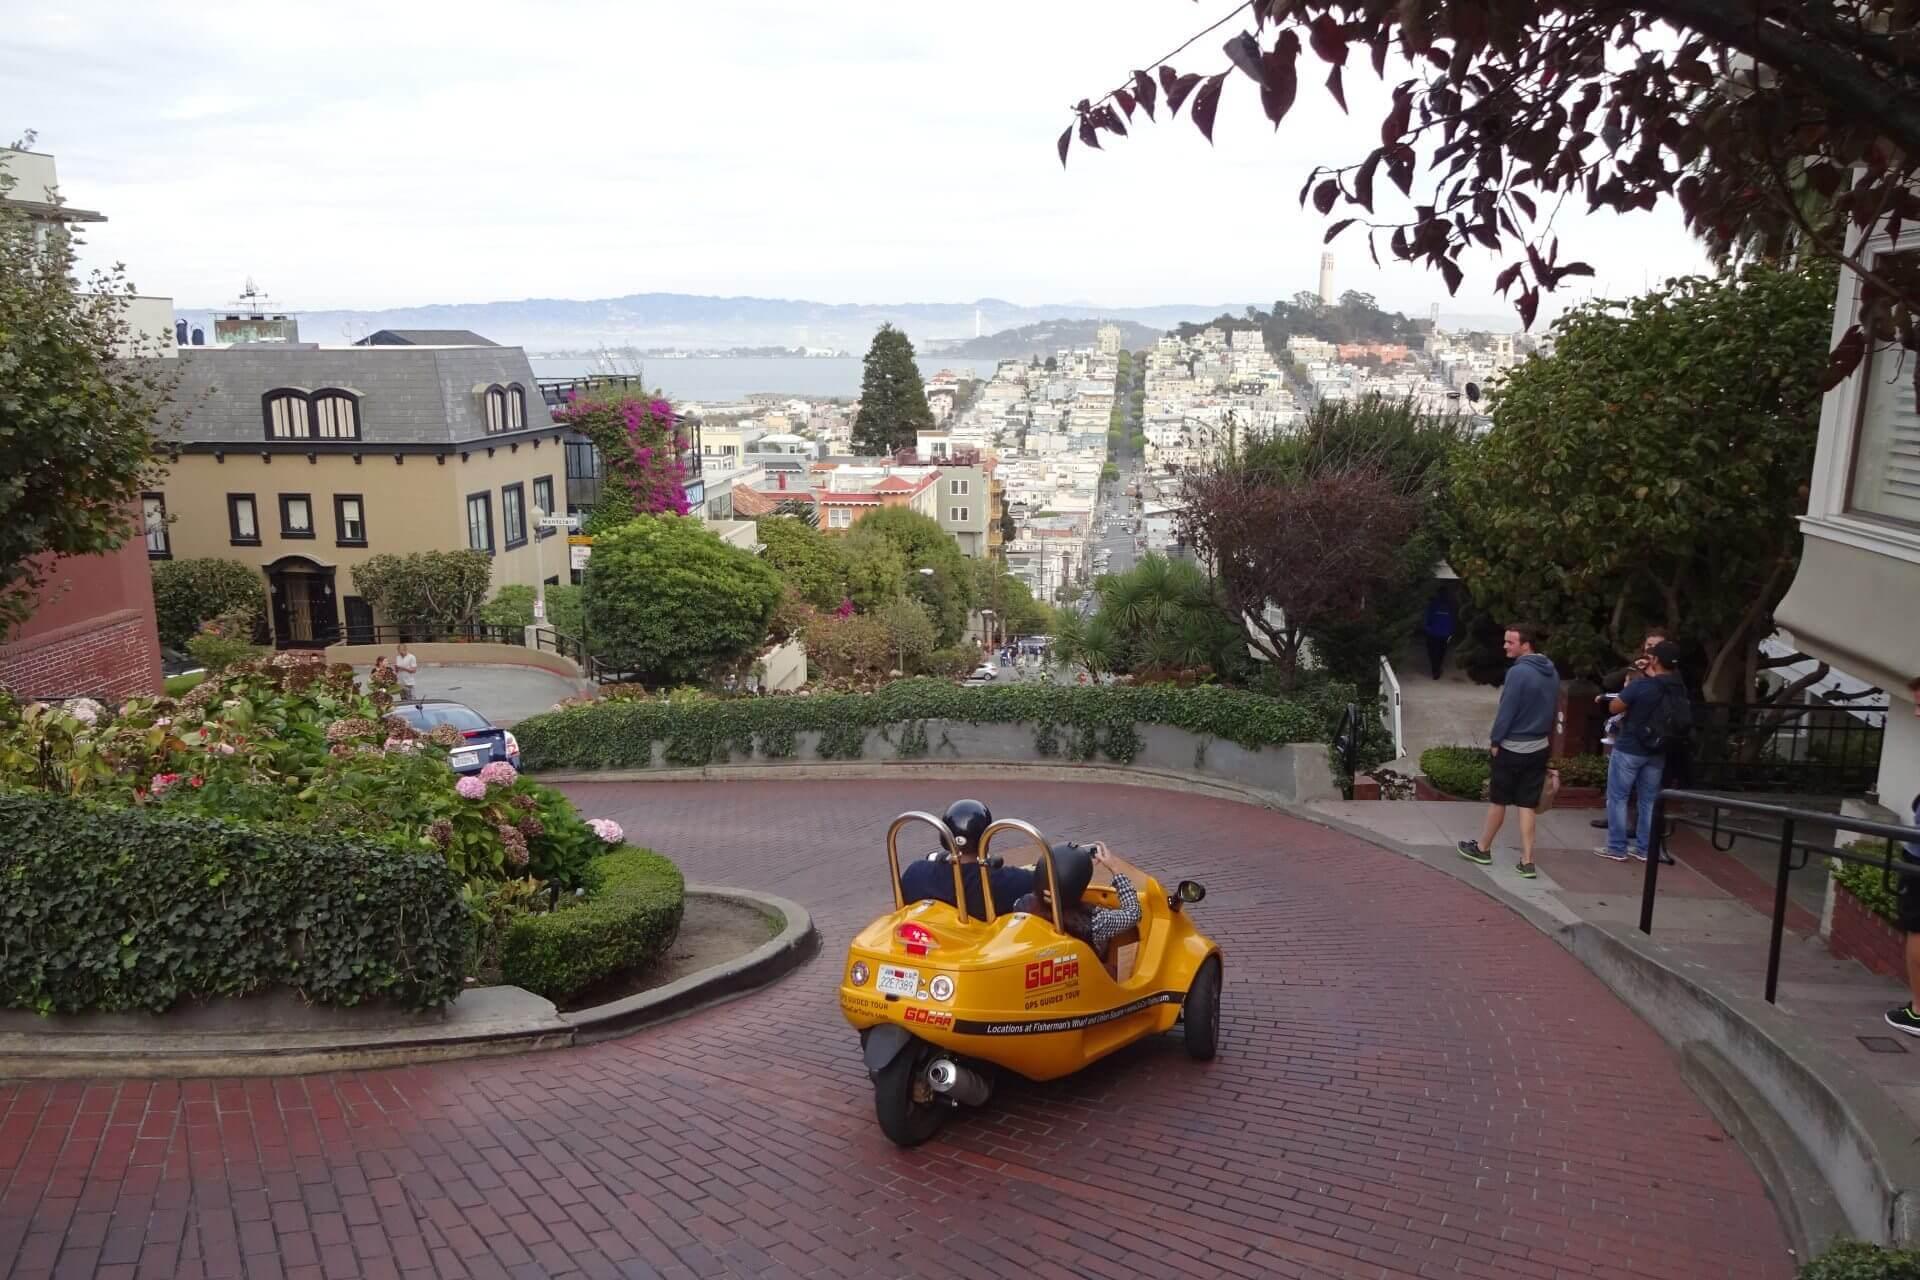 Die Lombard Street. Bilder und Eindrücke aus San Francisco, California, United States.